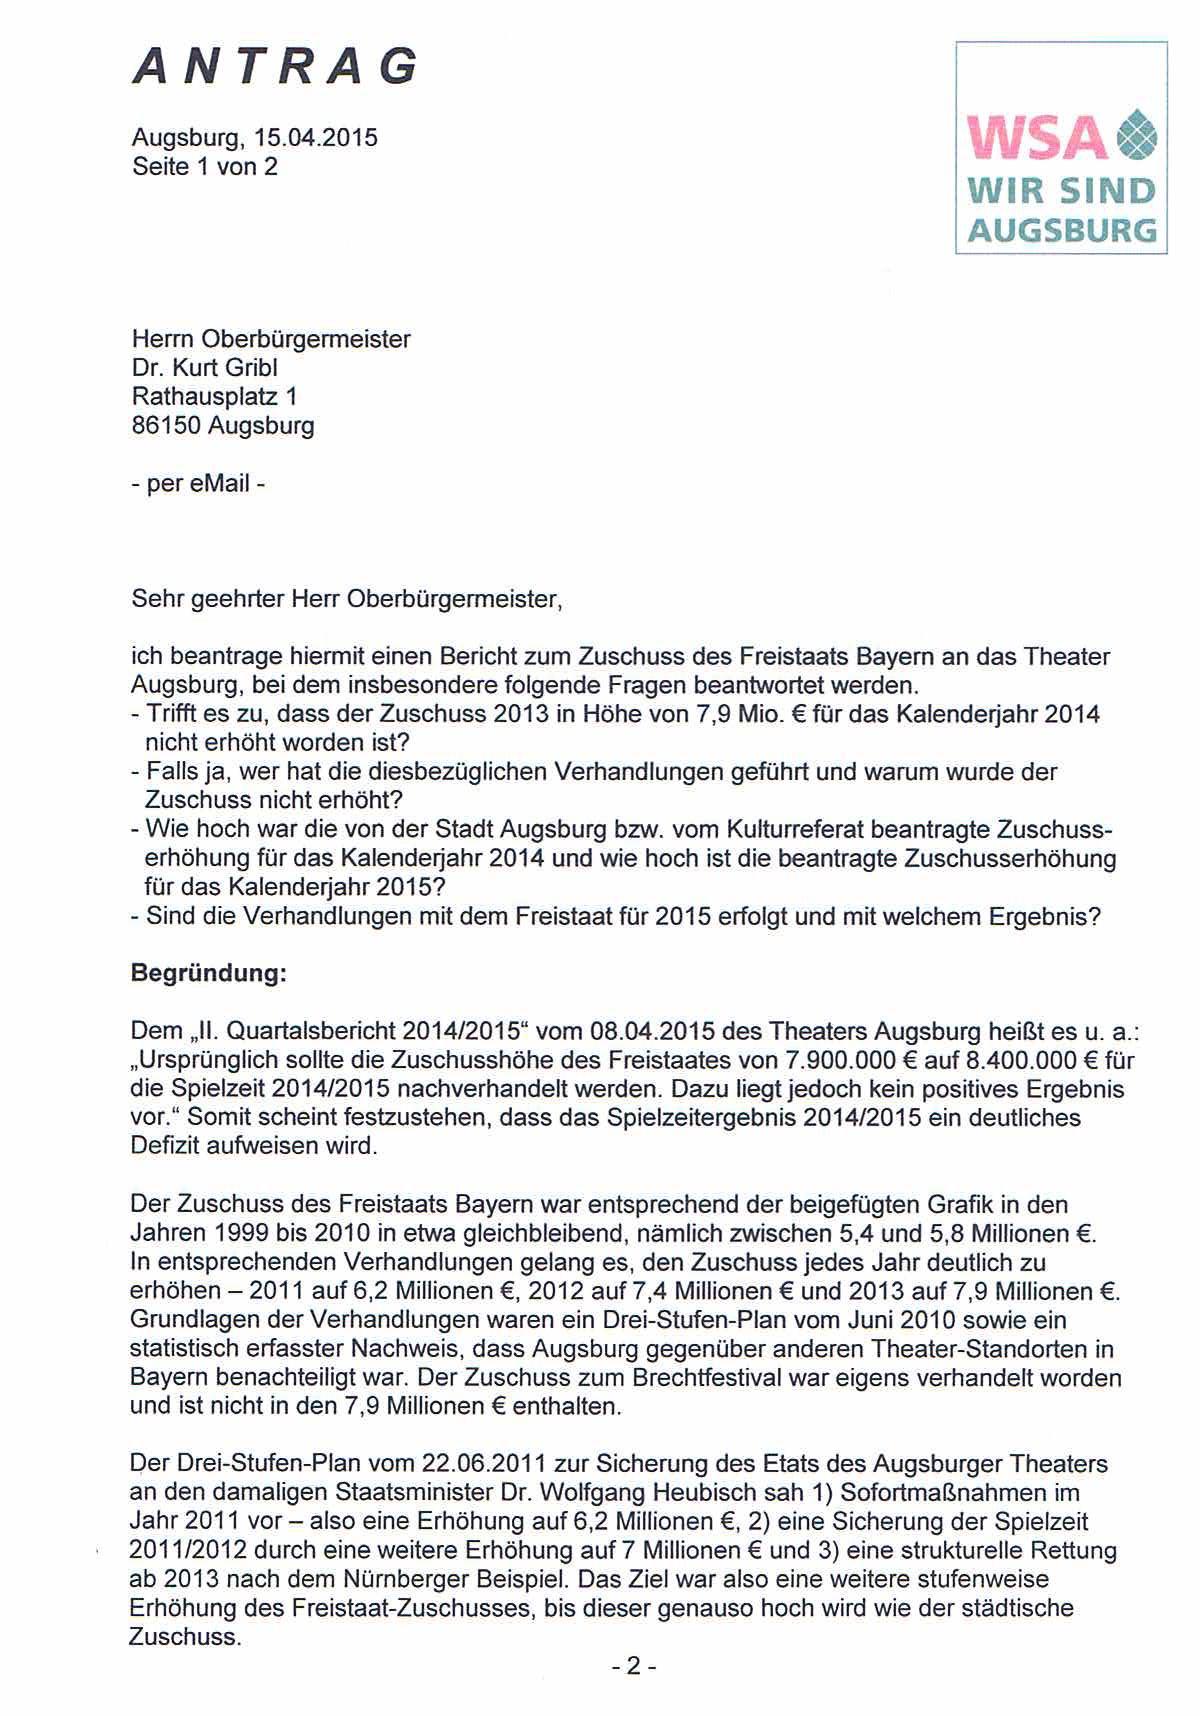 WSA-Antrag vom 15.04.2015 zum Freistaat-Zuschuss an das Theater Augsburg, ohne Grafik-Anlage-001